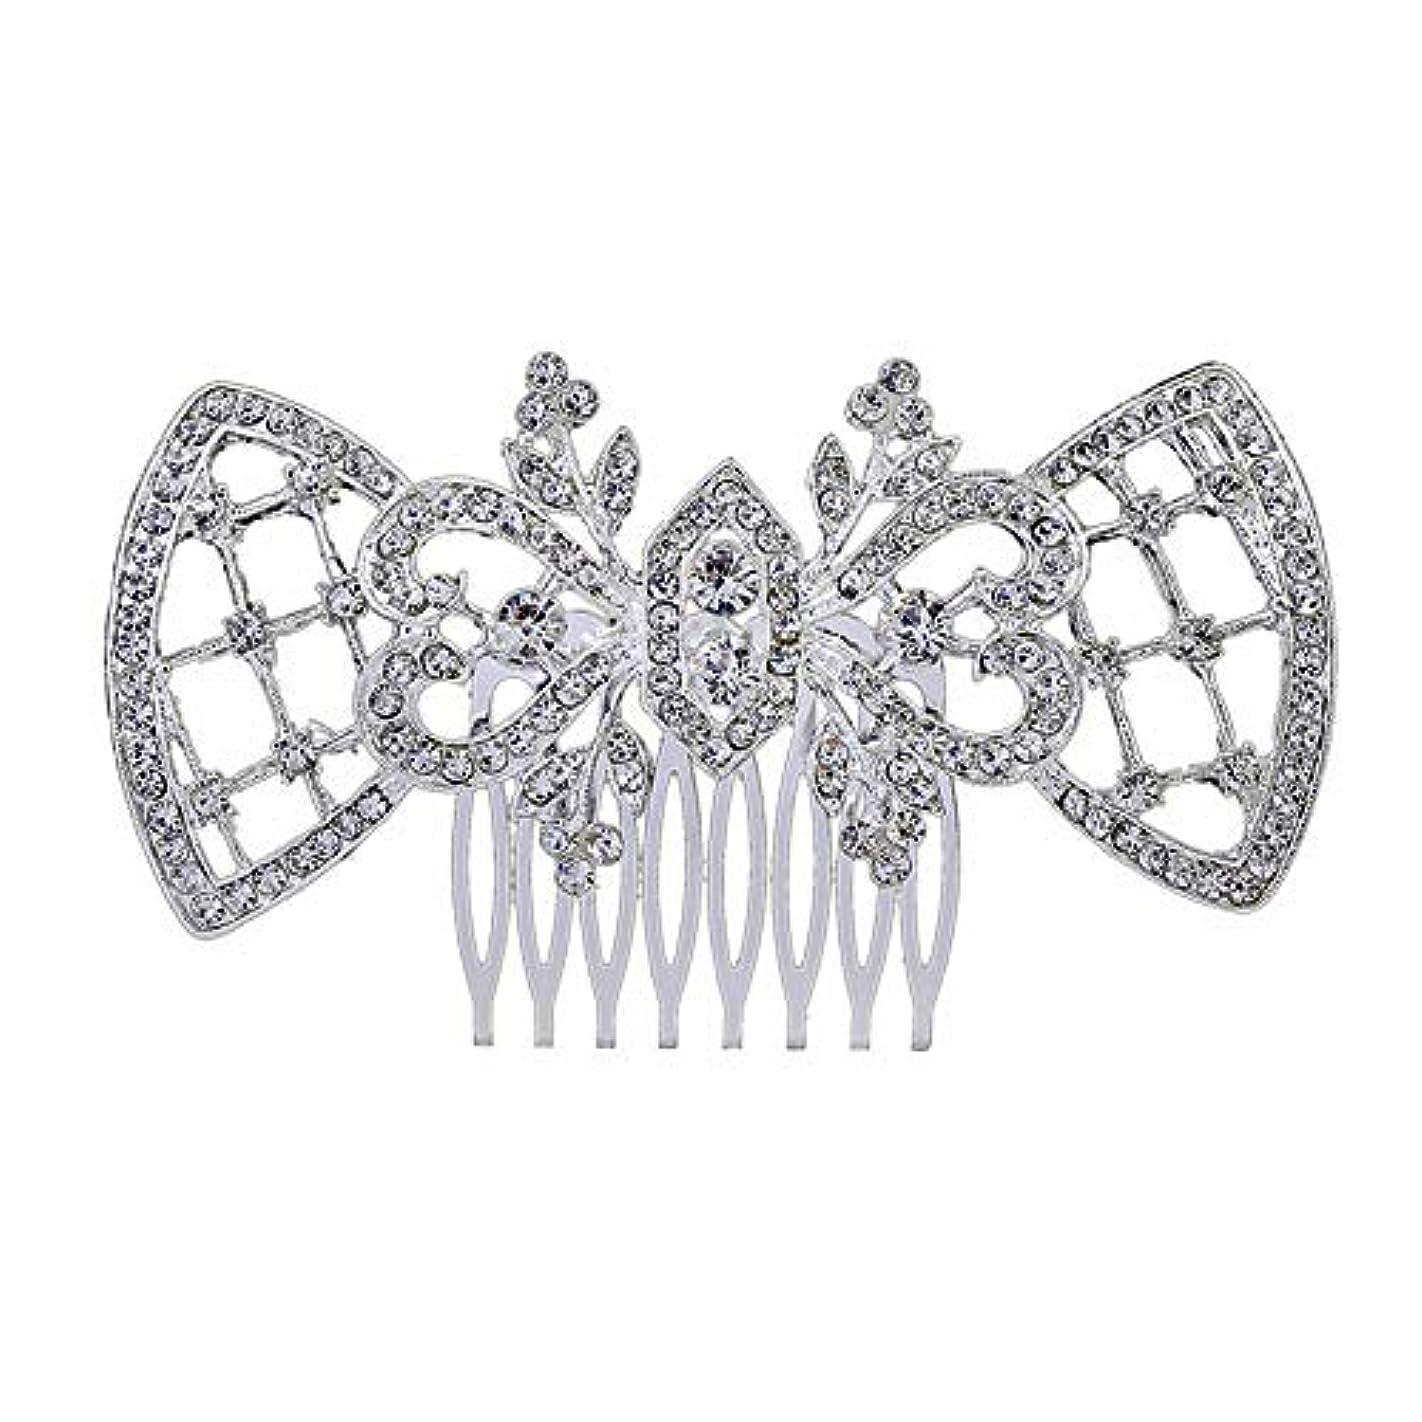 グループ繊維投資髪の櫛、櫛、ブライダル髪、髪の櫛、ハート形、ラインストーンの櫛、合金の帽子、結婚式のアクセサリー